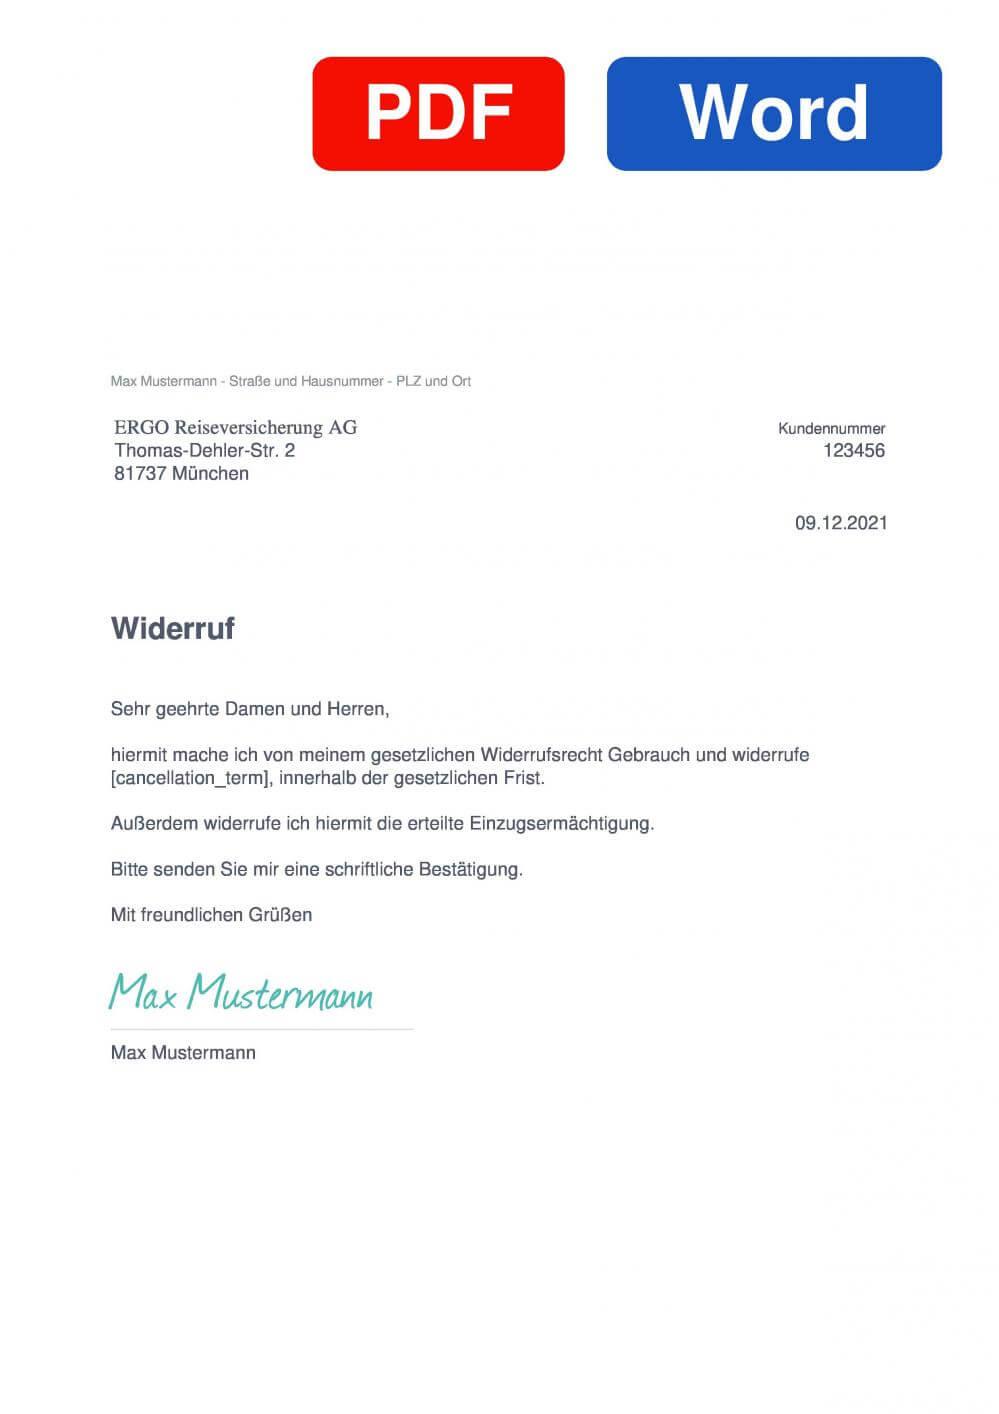 ERV Europäische Reiseversicherung Muster Vorlage für Wiederrufsschreiben